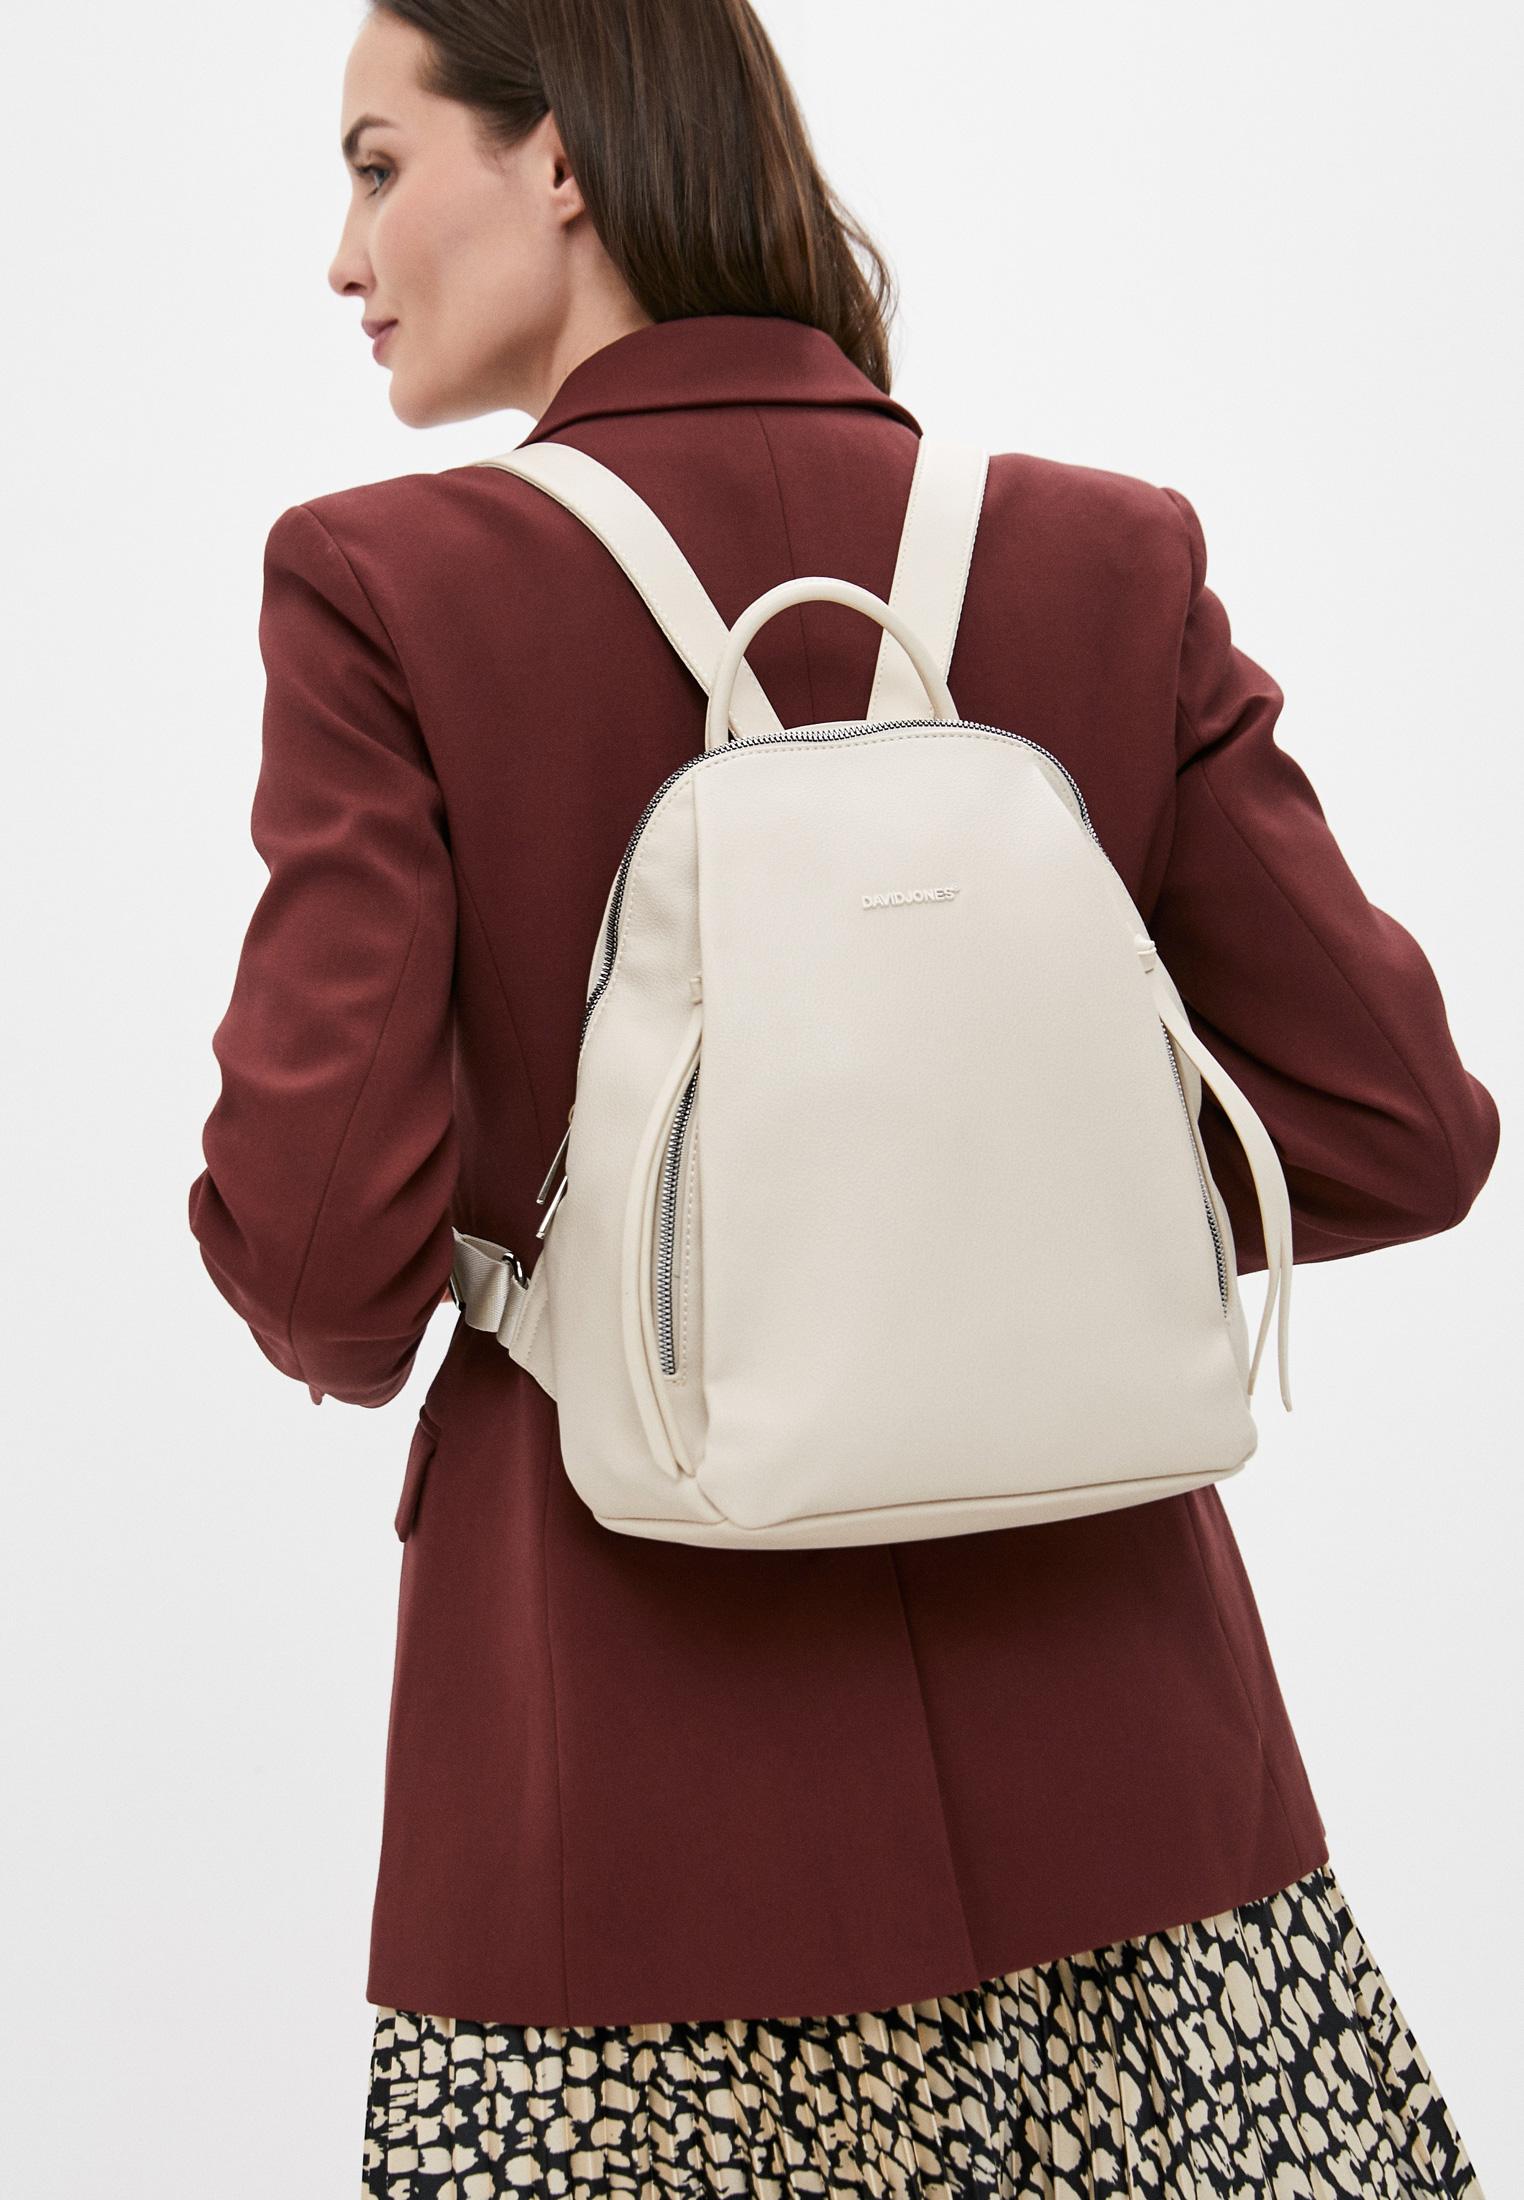 Городской рюкзак David Jones (Дэвид Джонс) CM6026_бежевый: изображение 4